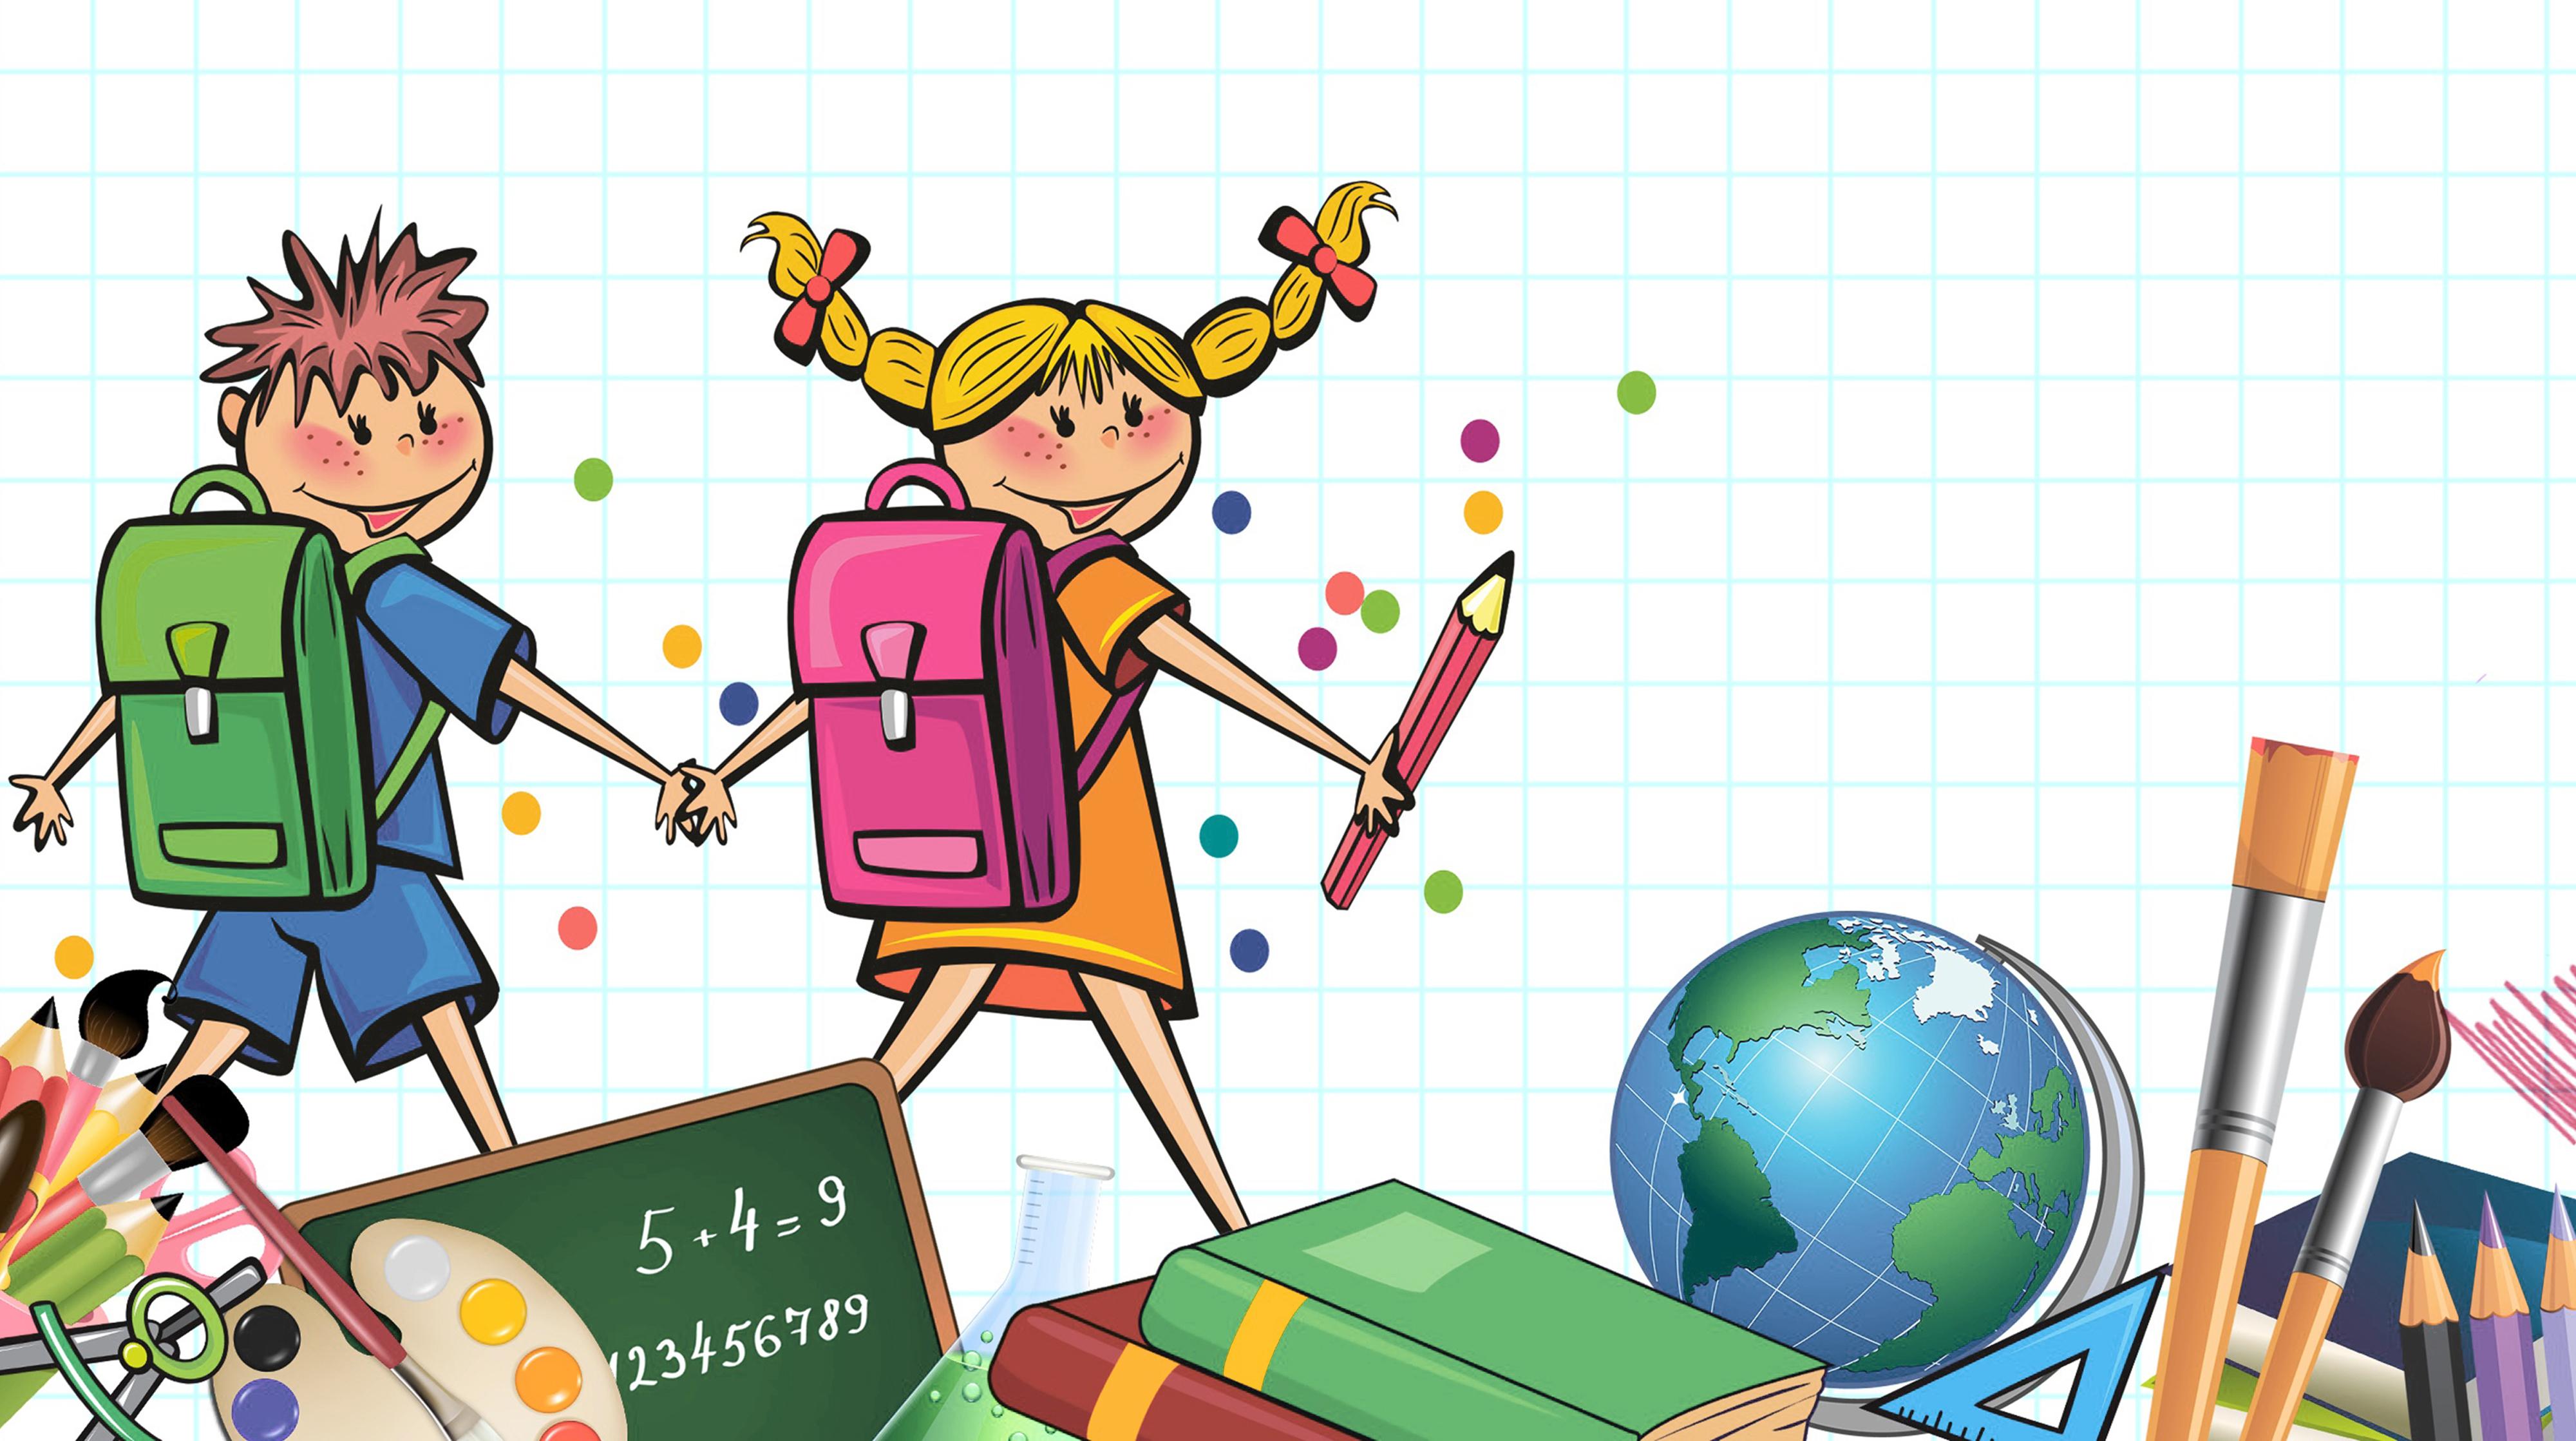 Proroga iscrizione Servizi Scolastici - anno scolastico 2020/2021